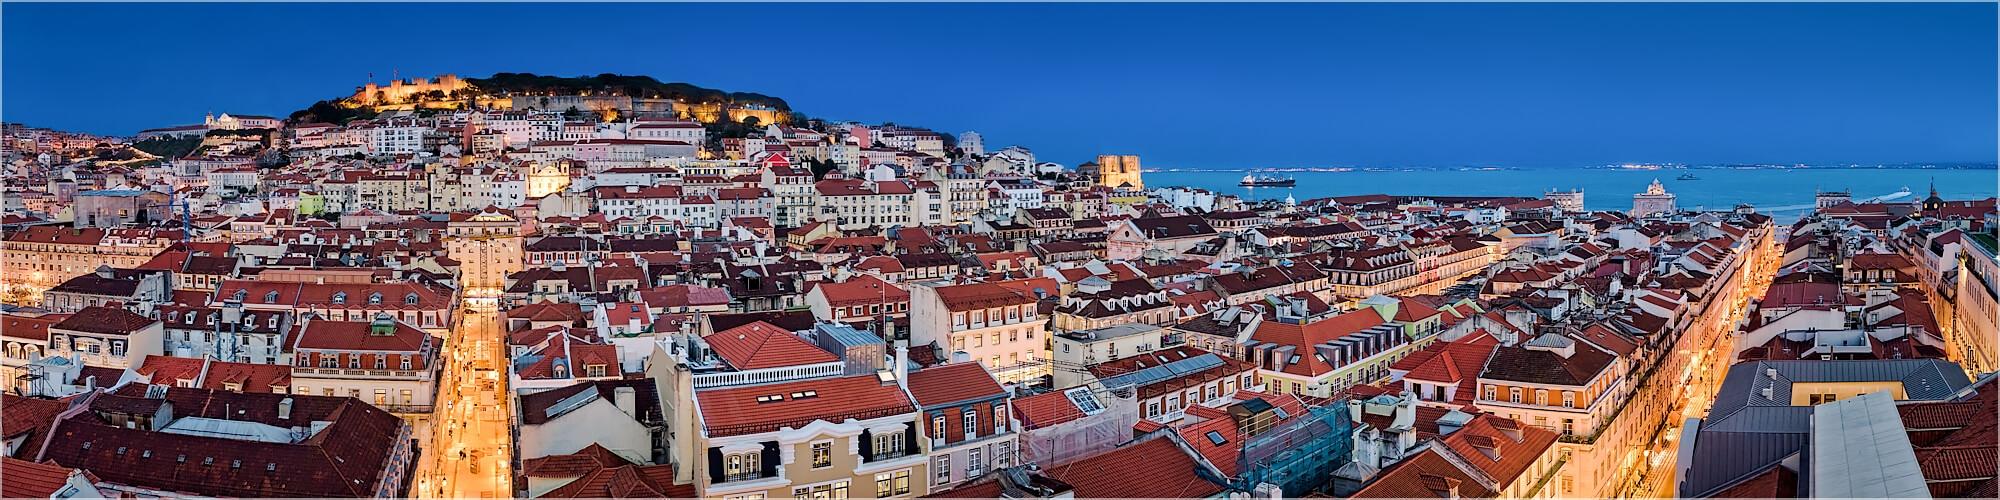 Panoramabild Skyline Lissabon Altstadt